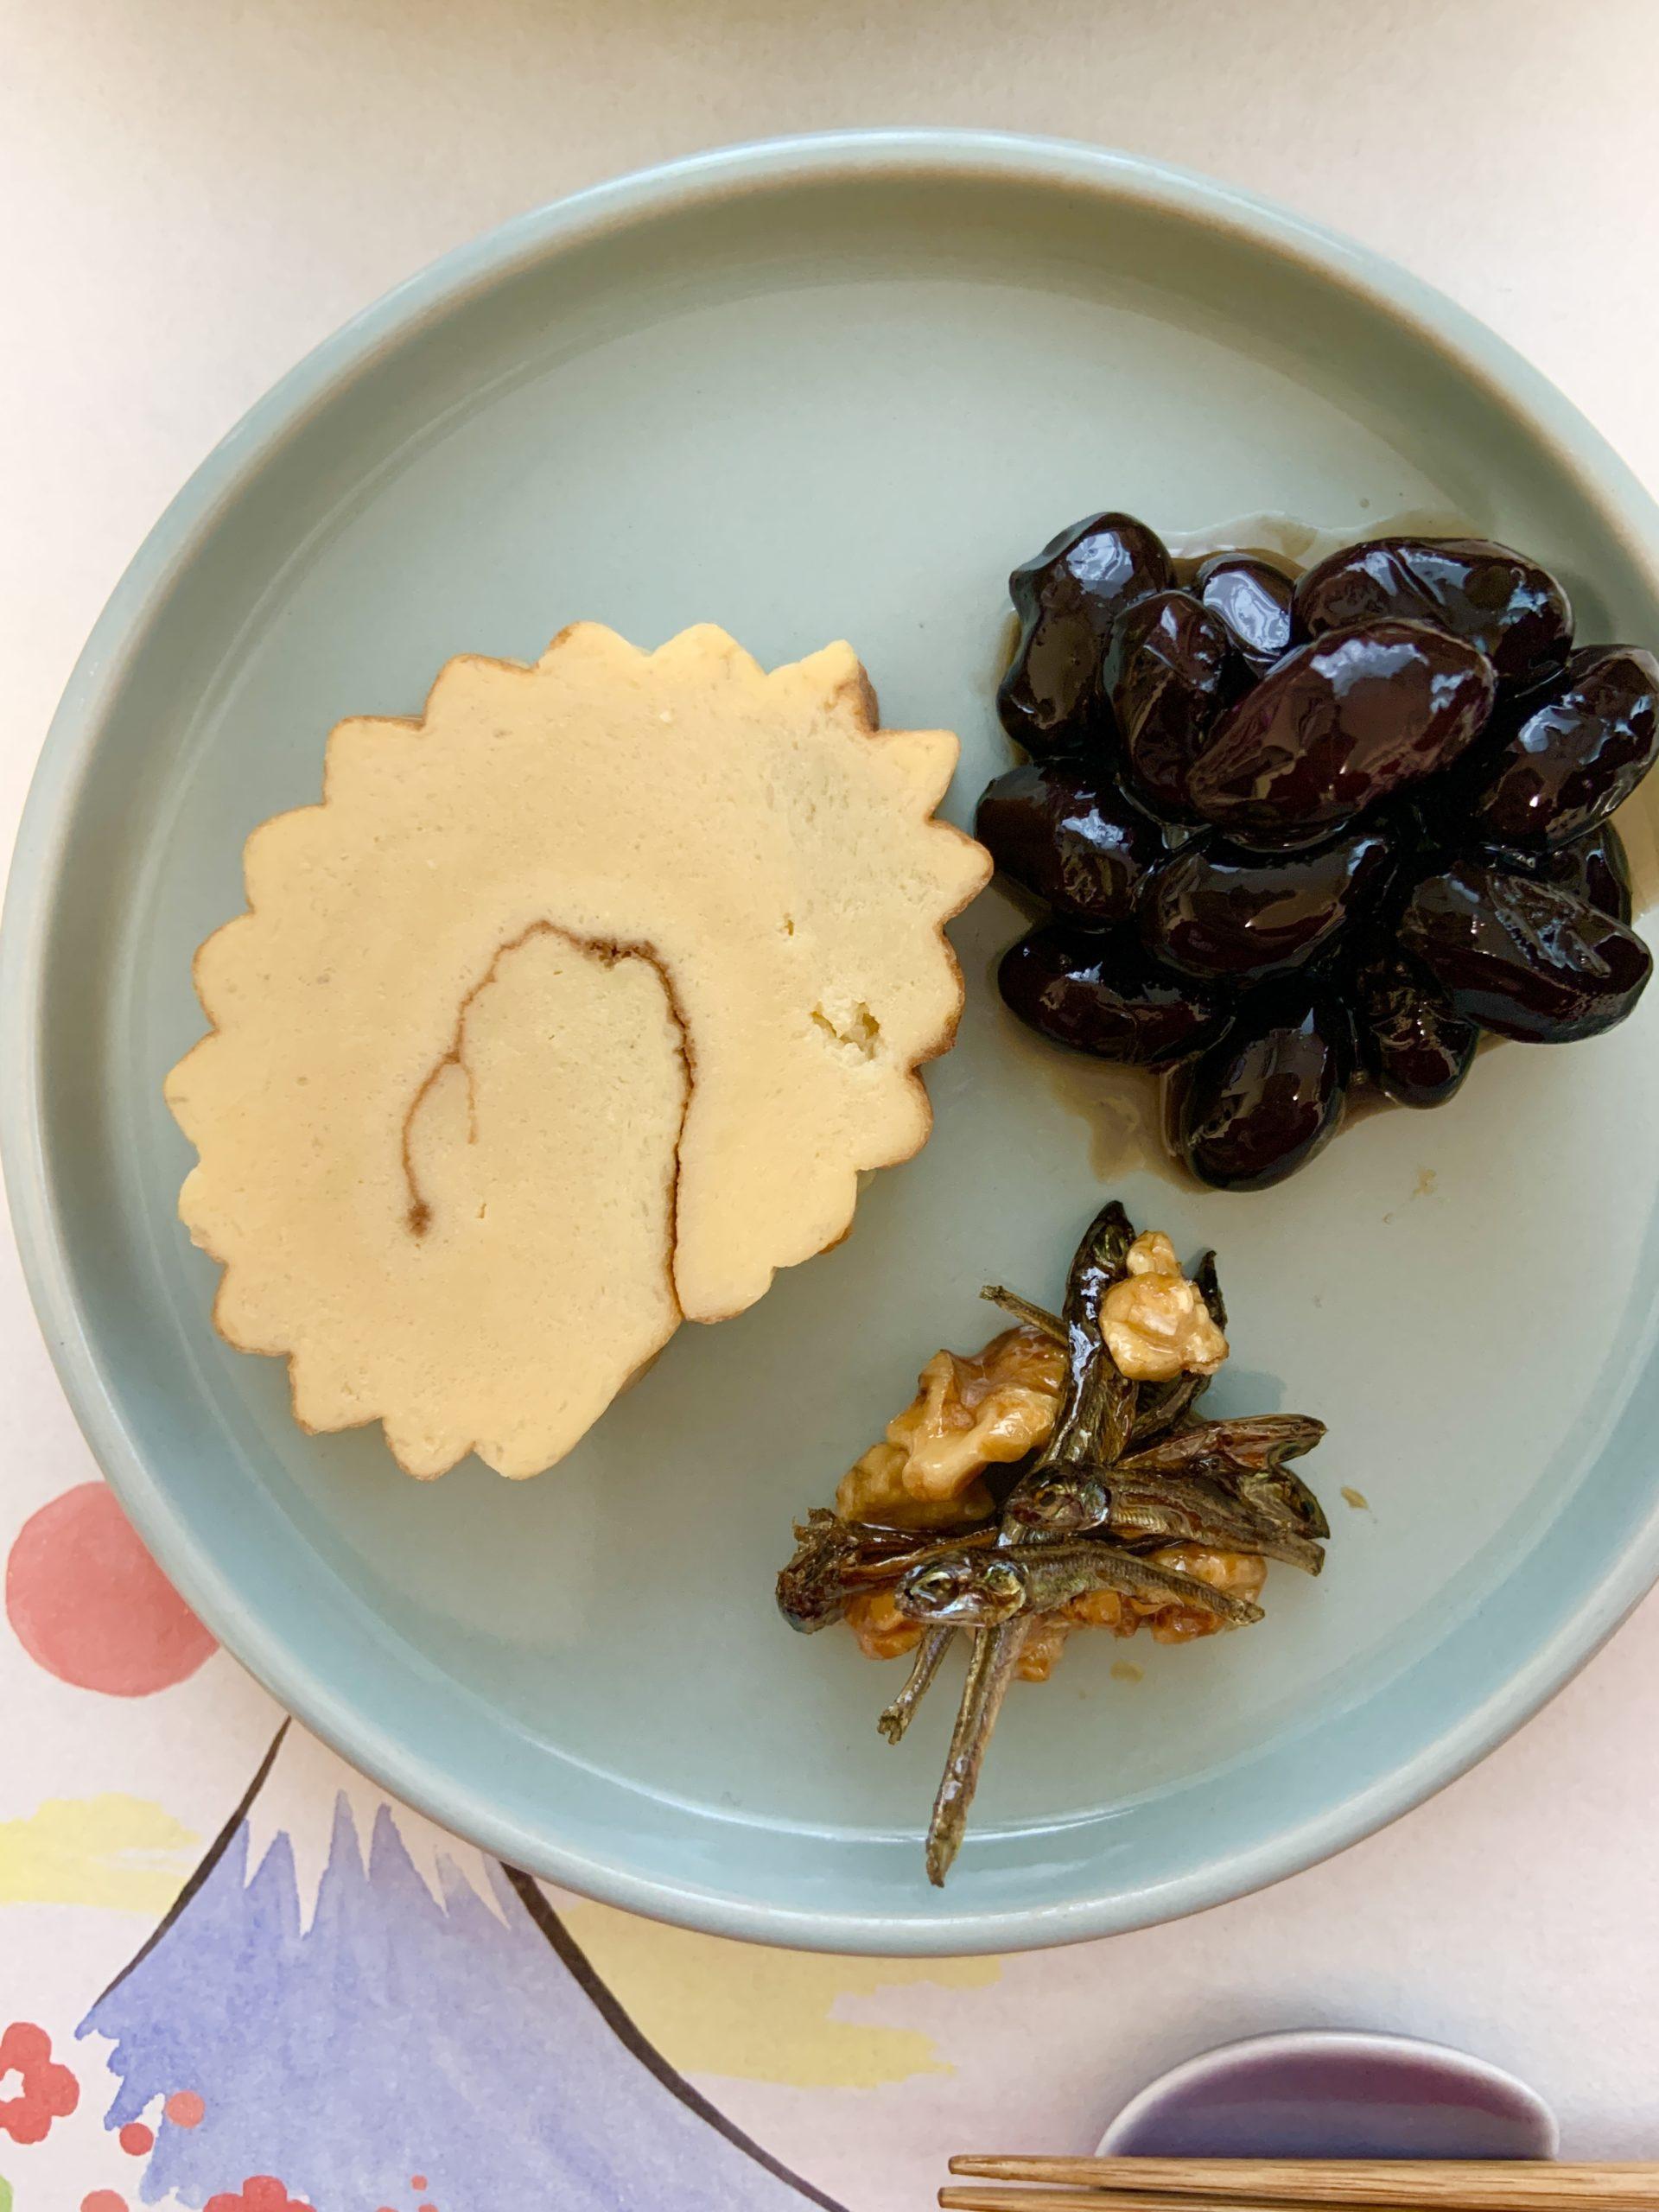 受付終了/お正月料理:伊達巻・黒まめセット